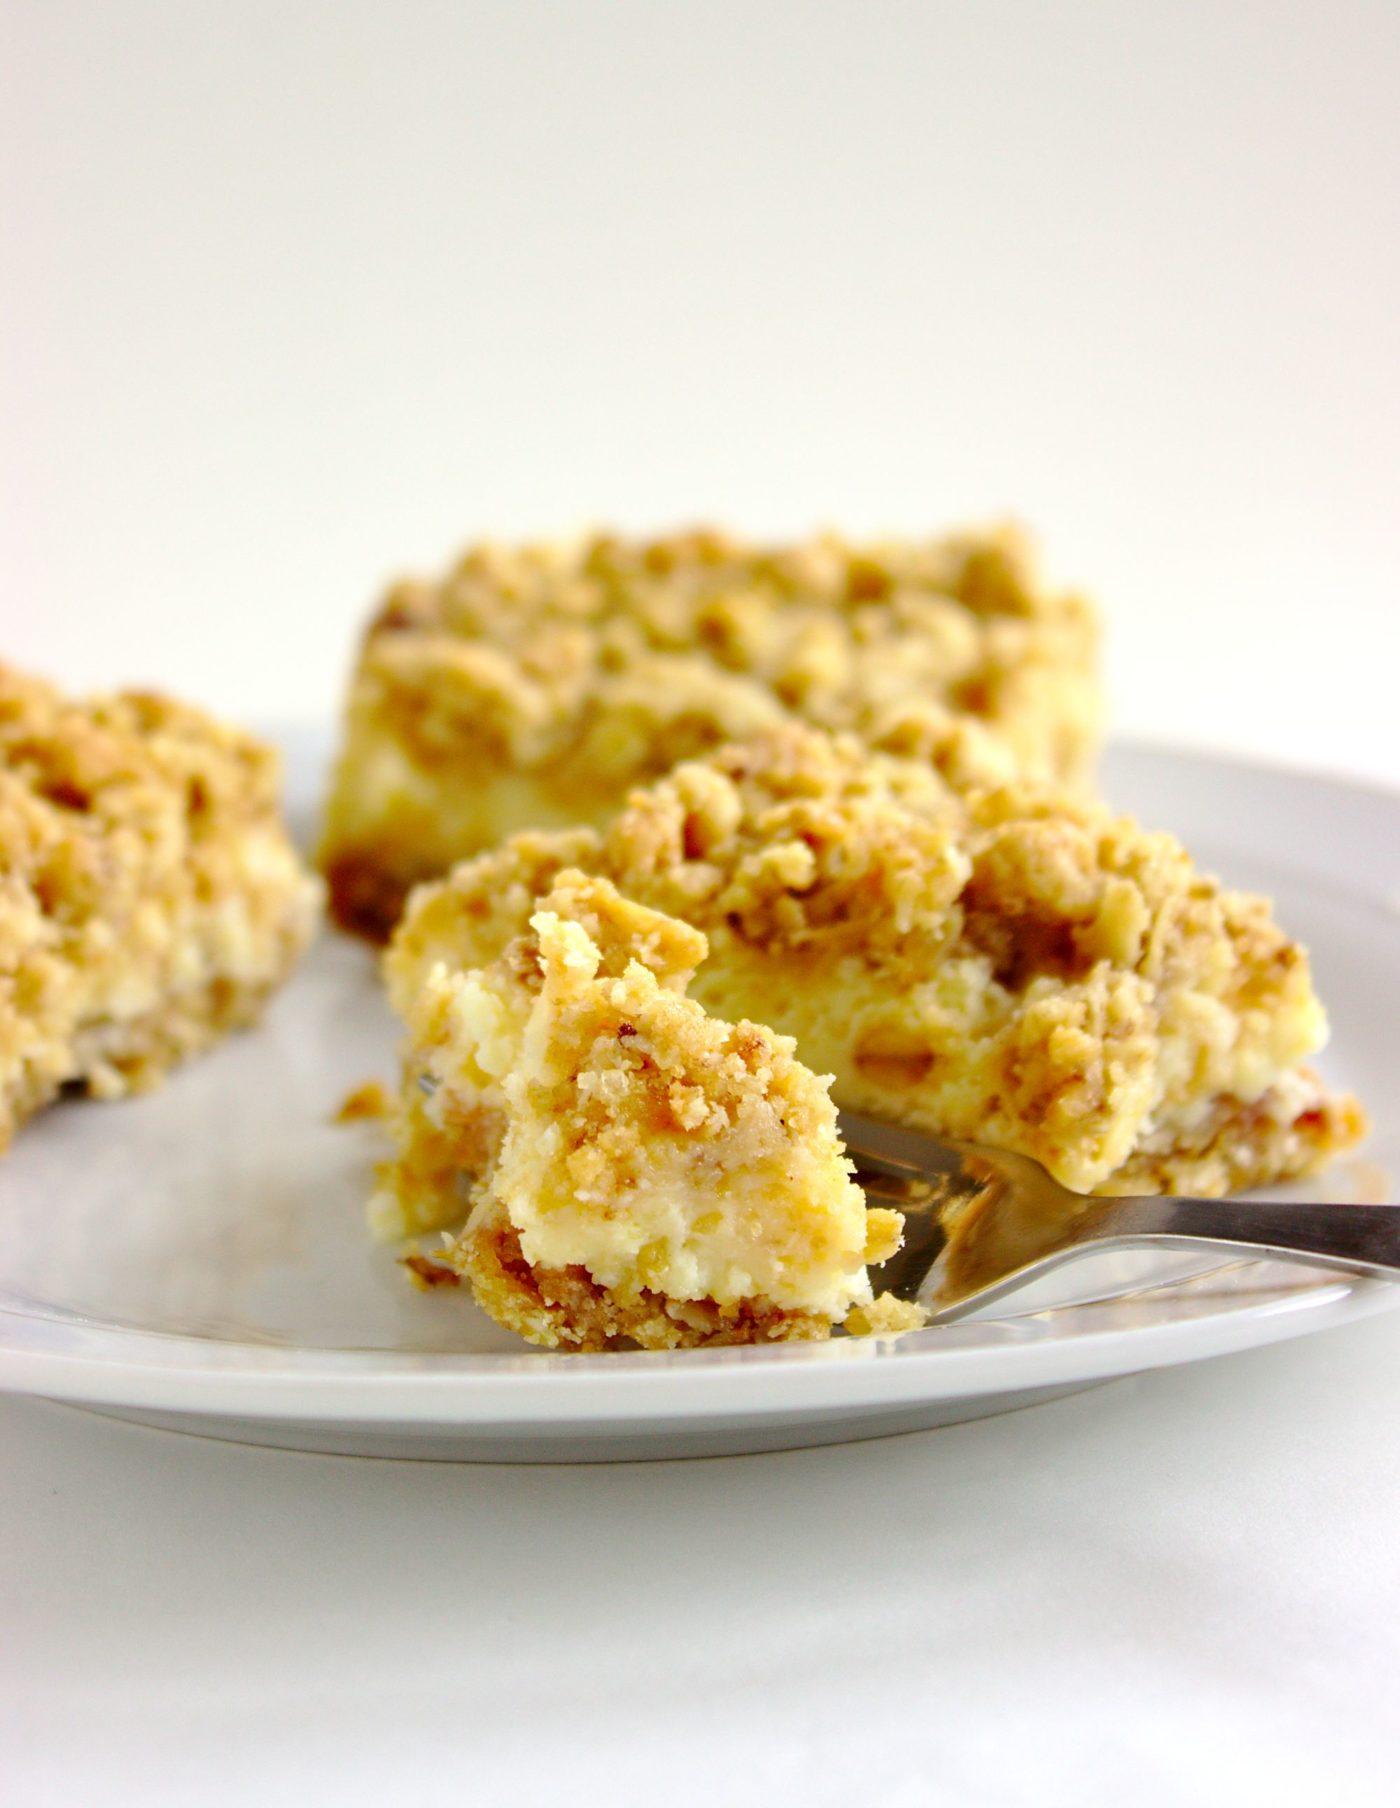 Szybkie ciasto cytrynowe z kremem i owsianą kruszonką